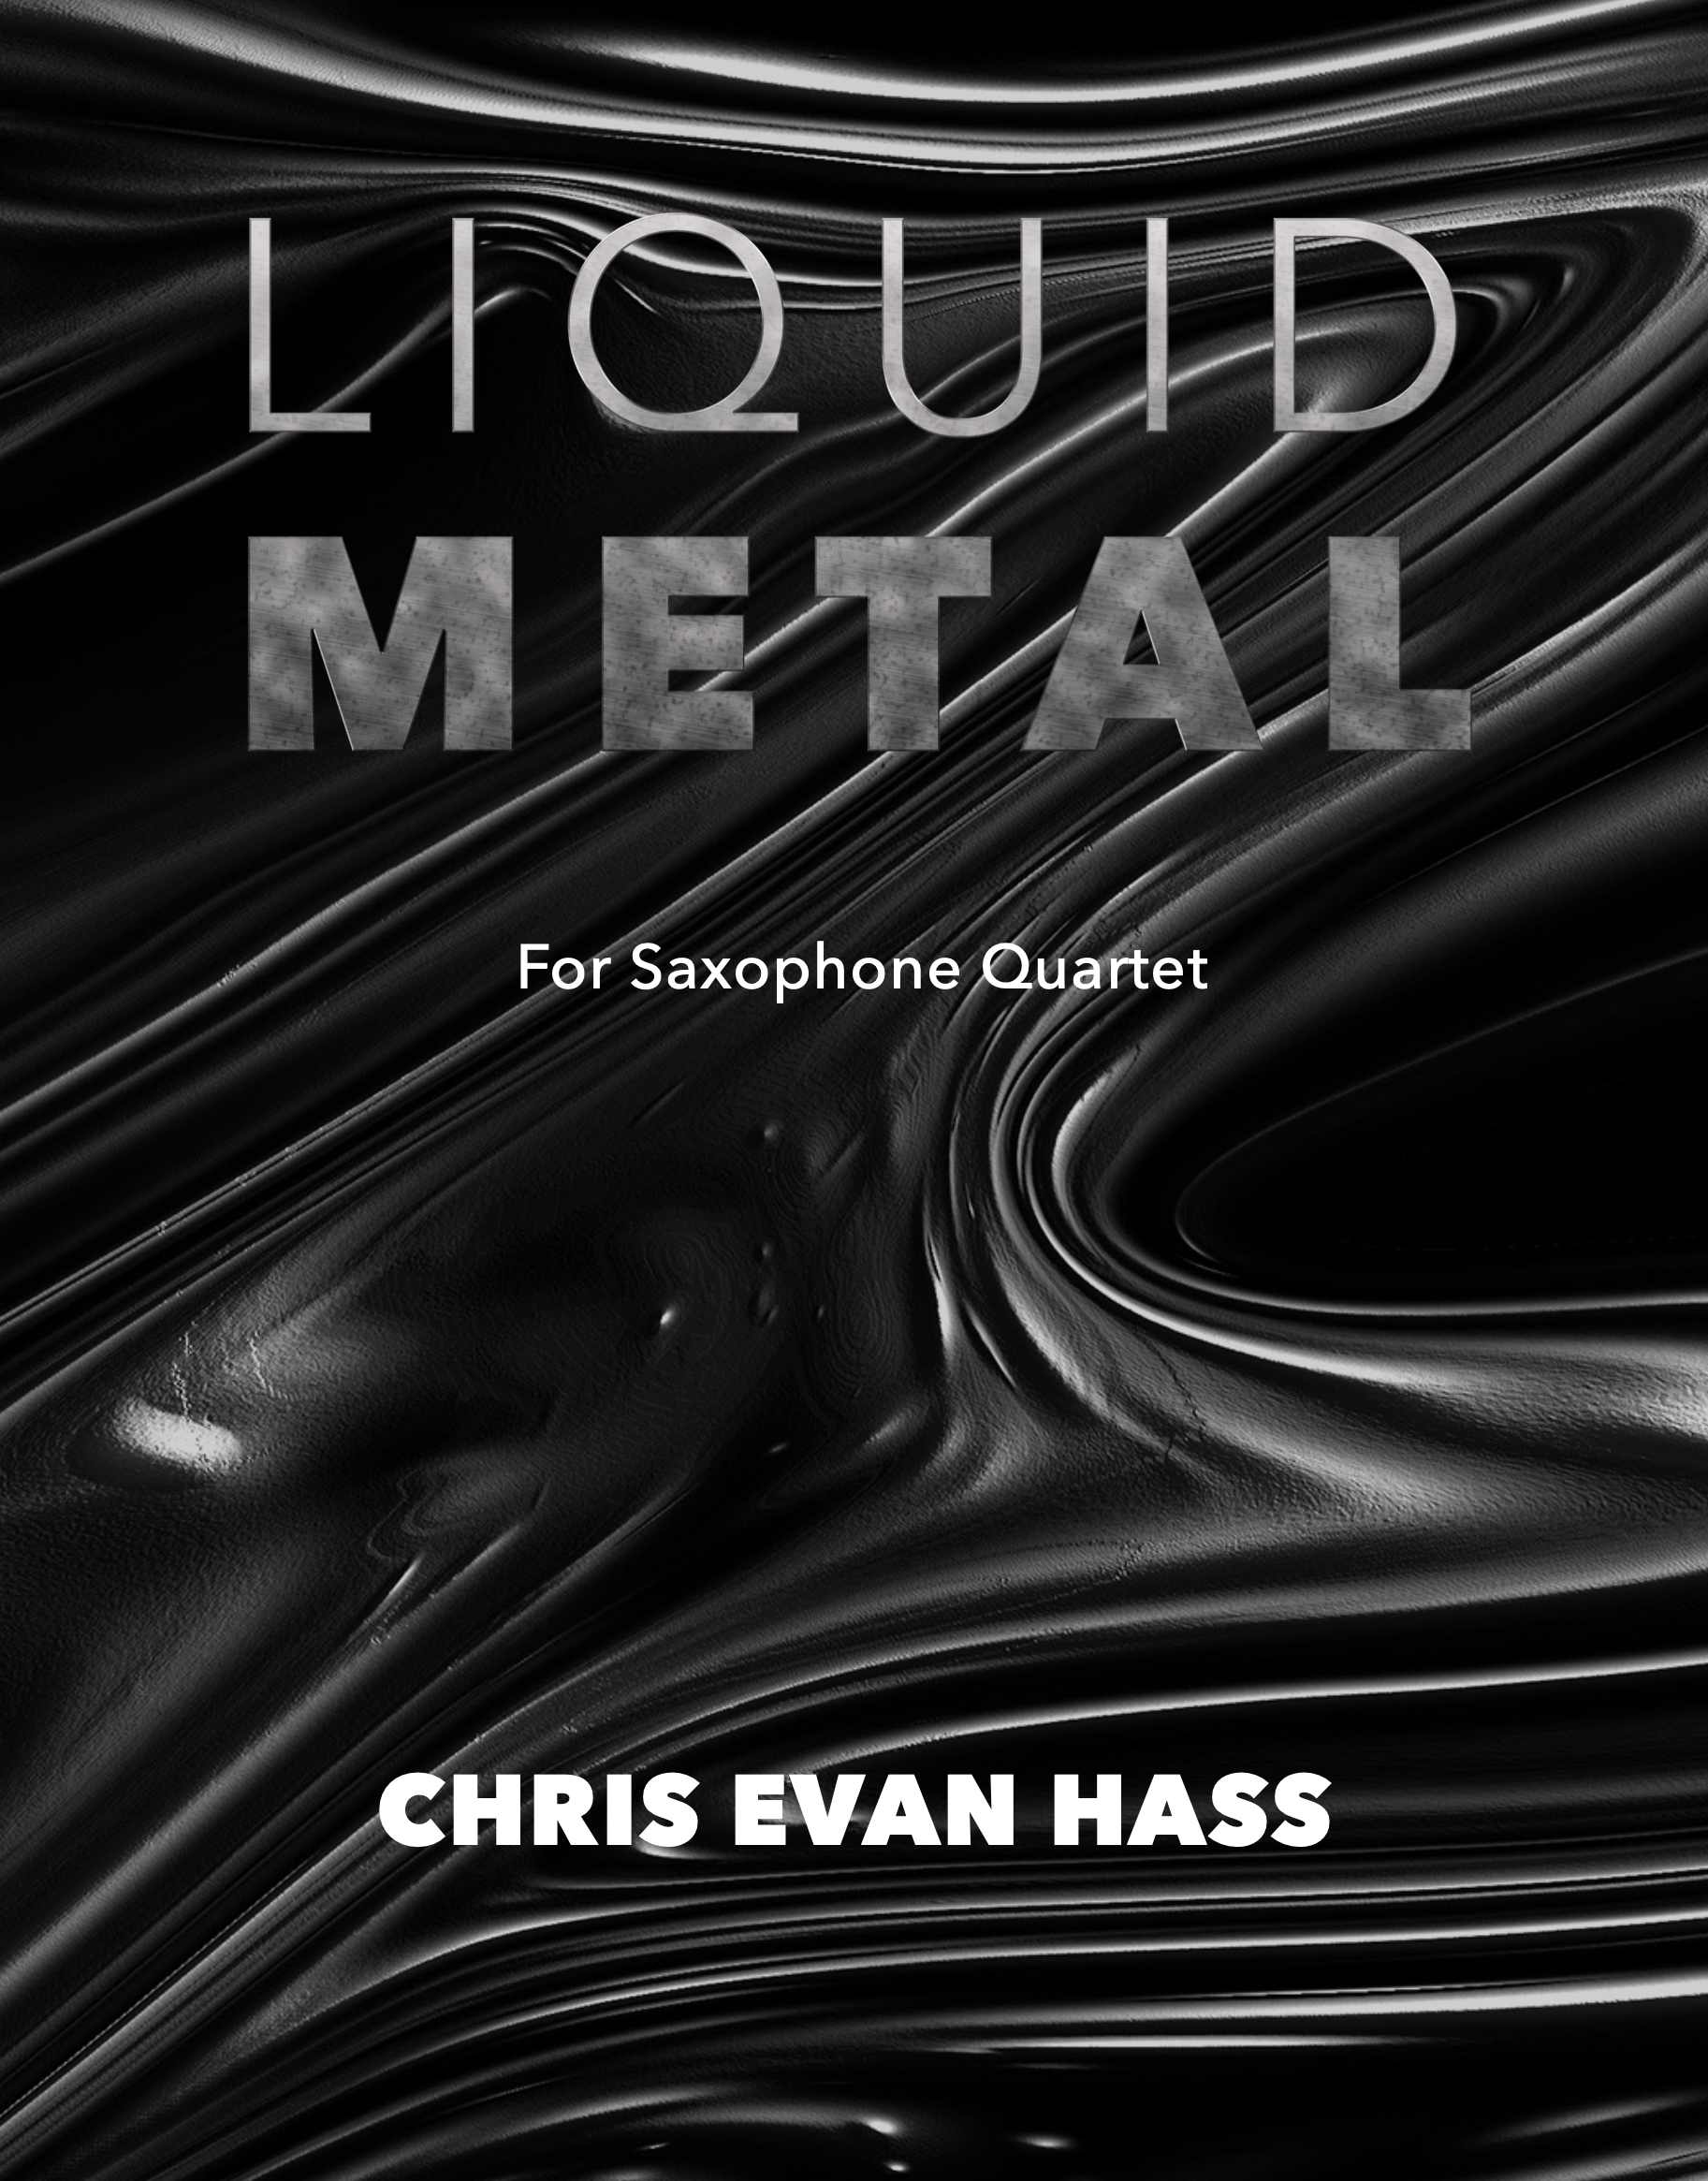 Liquid Metal by Chris Evan Hass